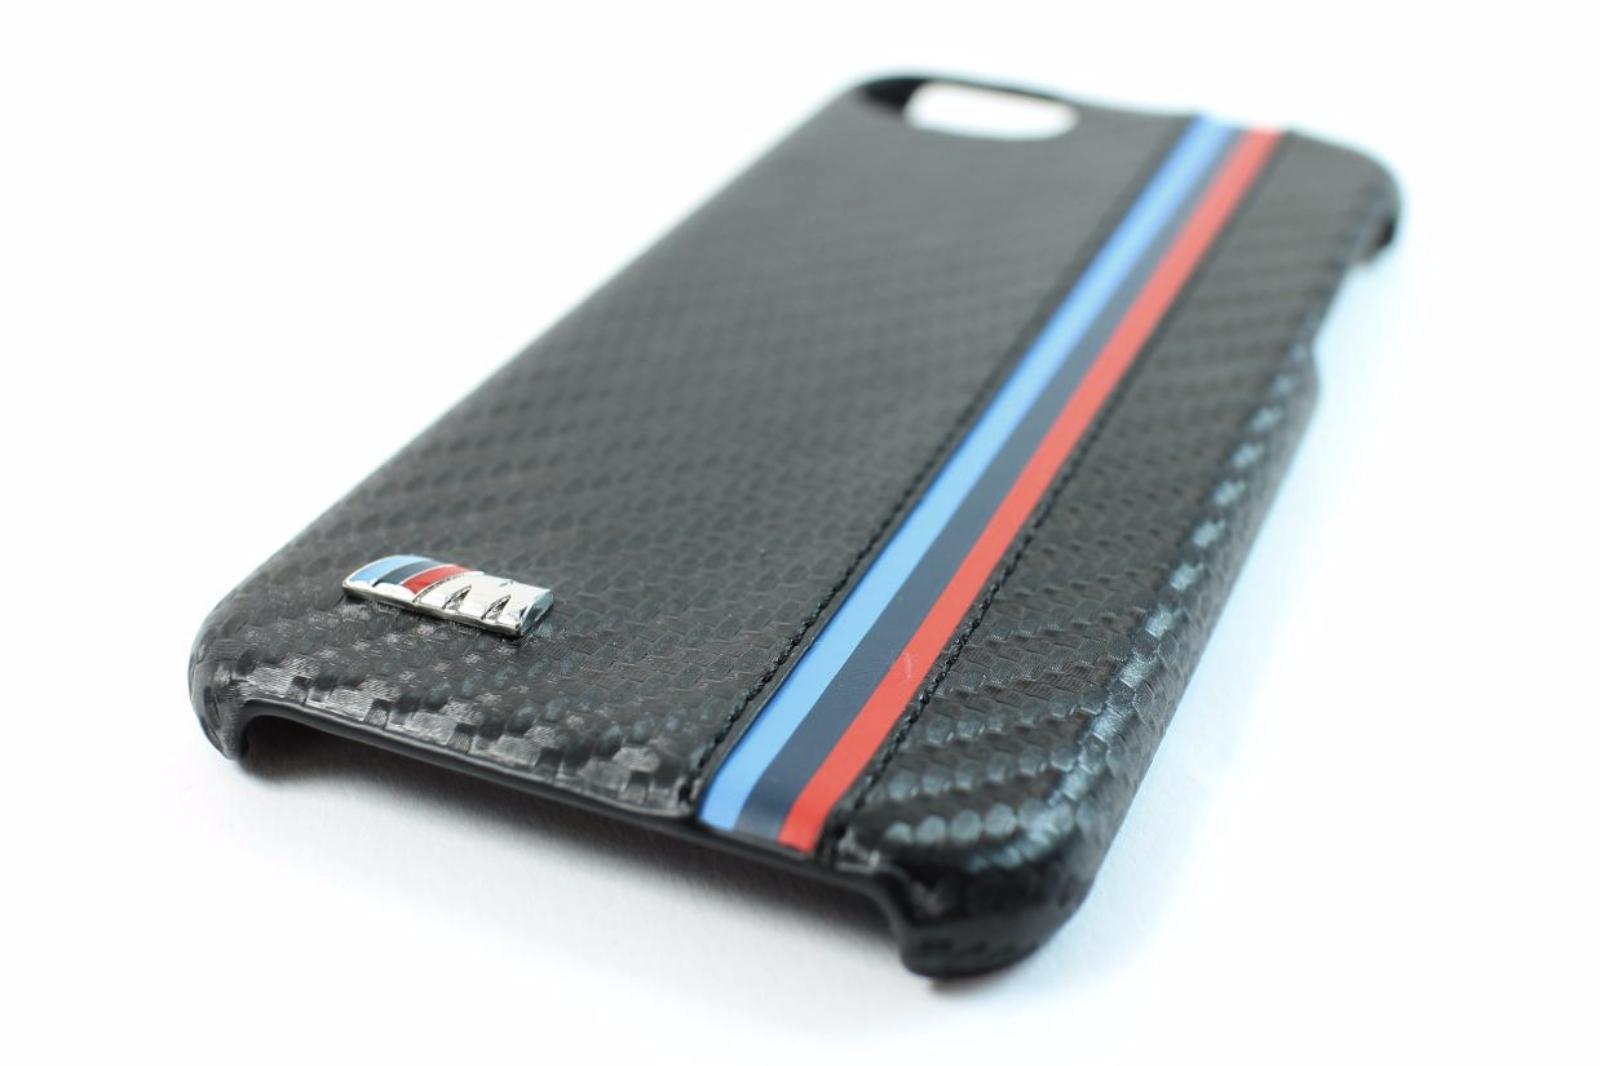 bmw m sport carbon fibre effect iphone 7 case bmhcp7mc. Black Bedroom Furniture Sets. Home Design Ideas